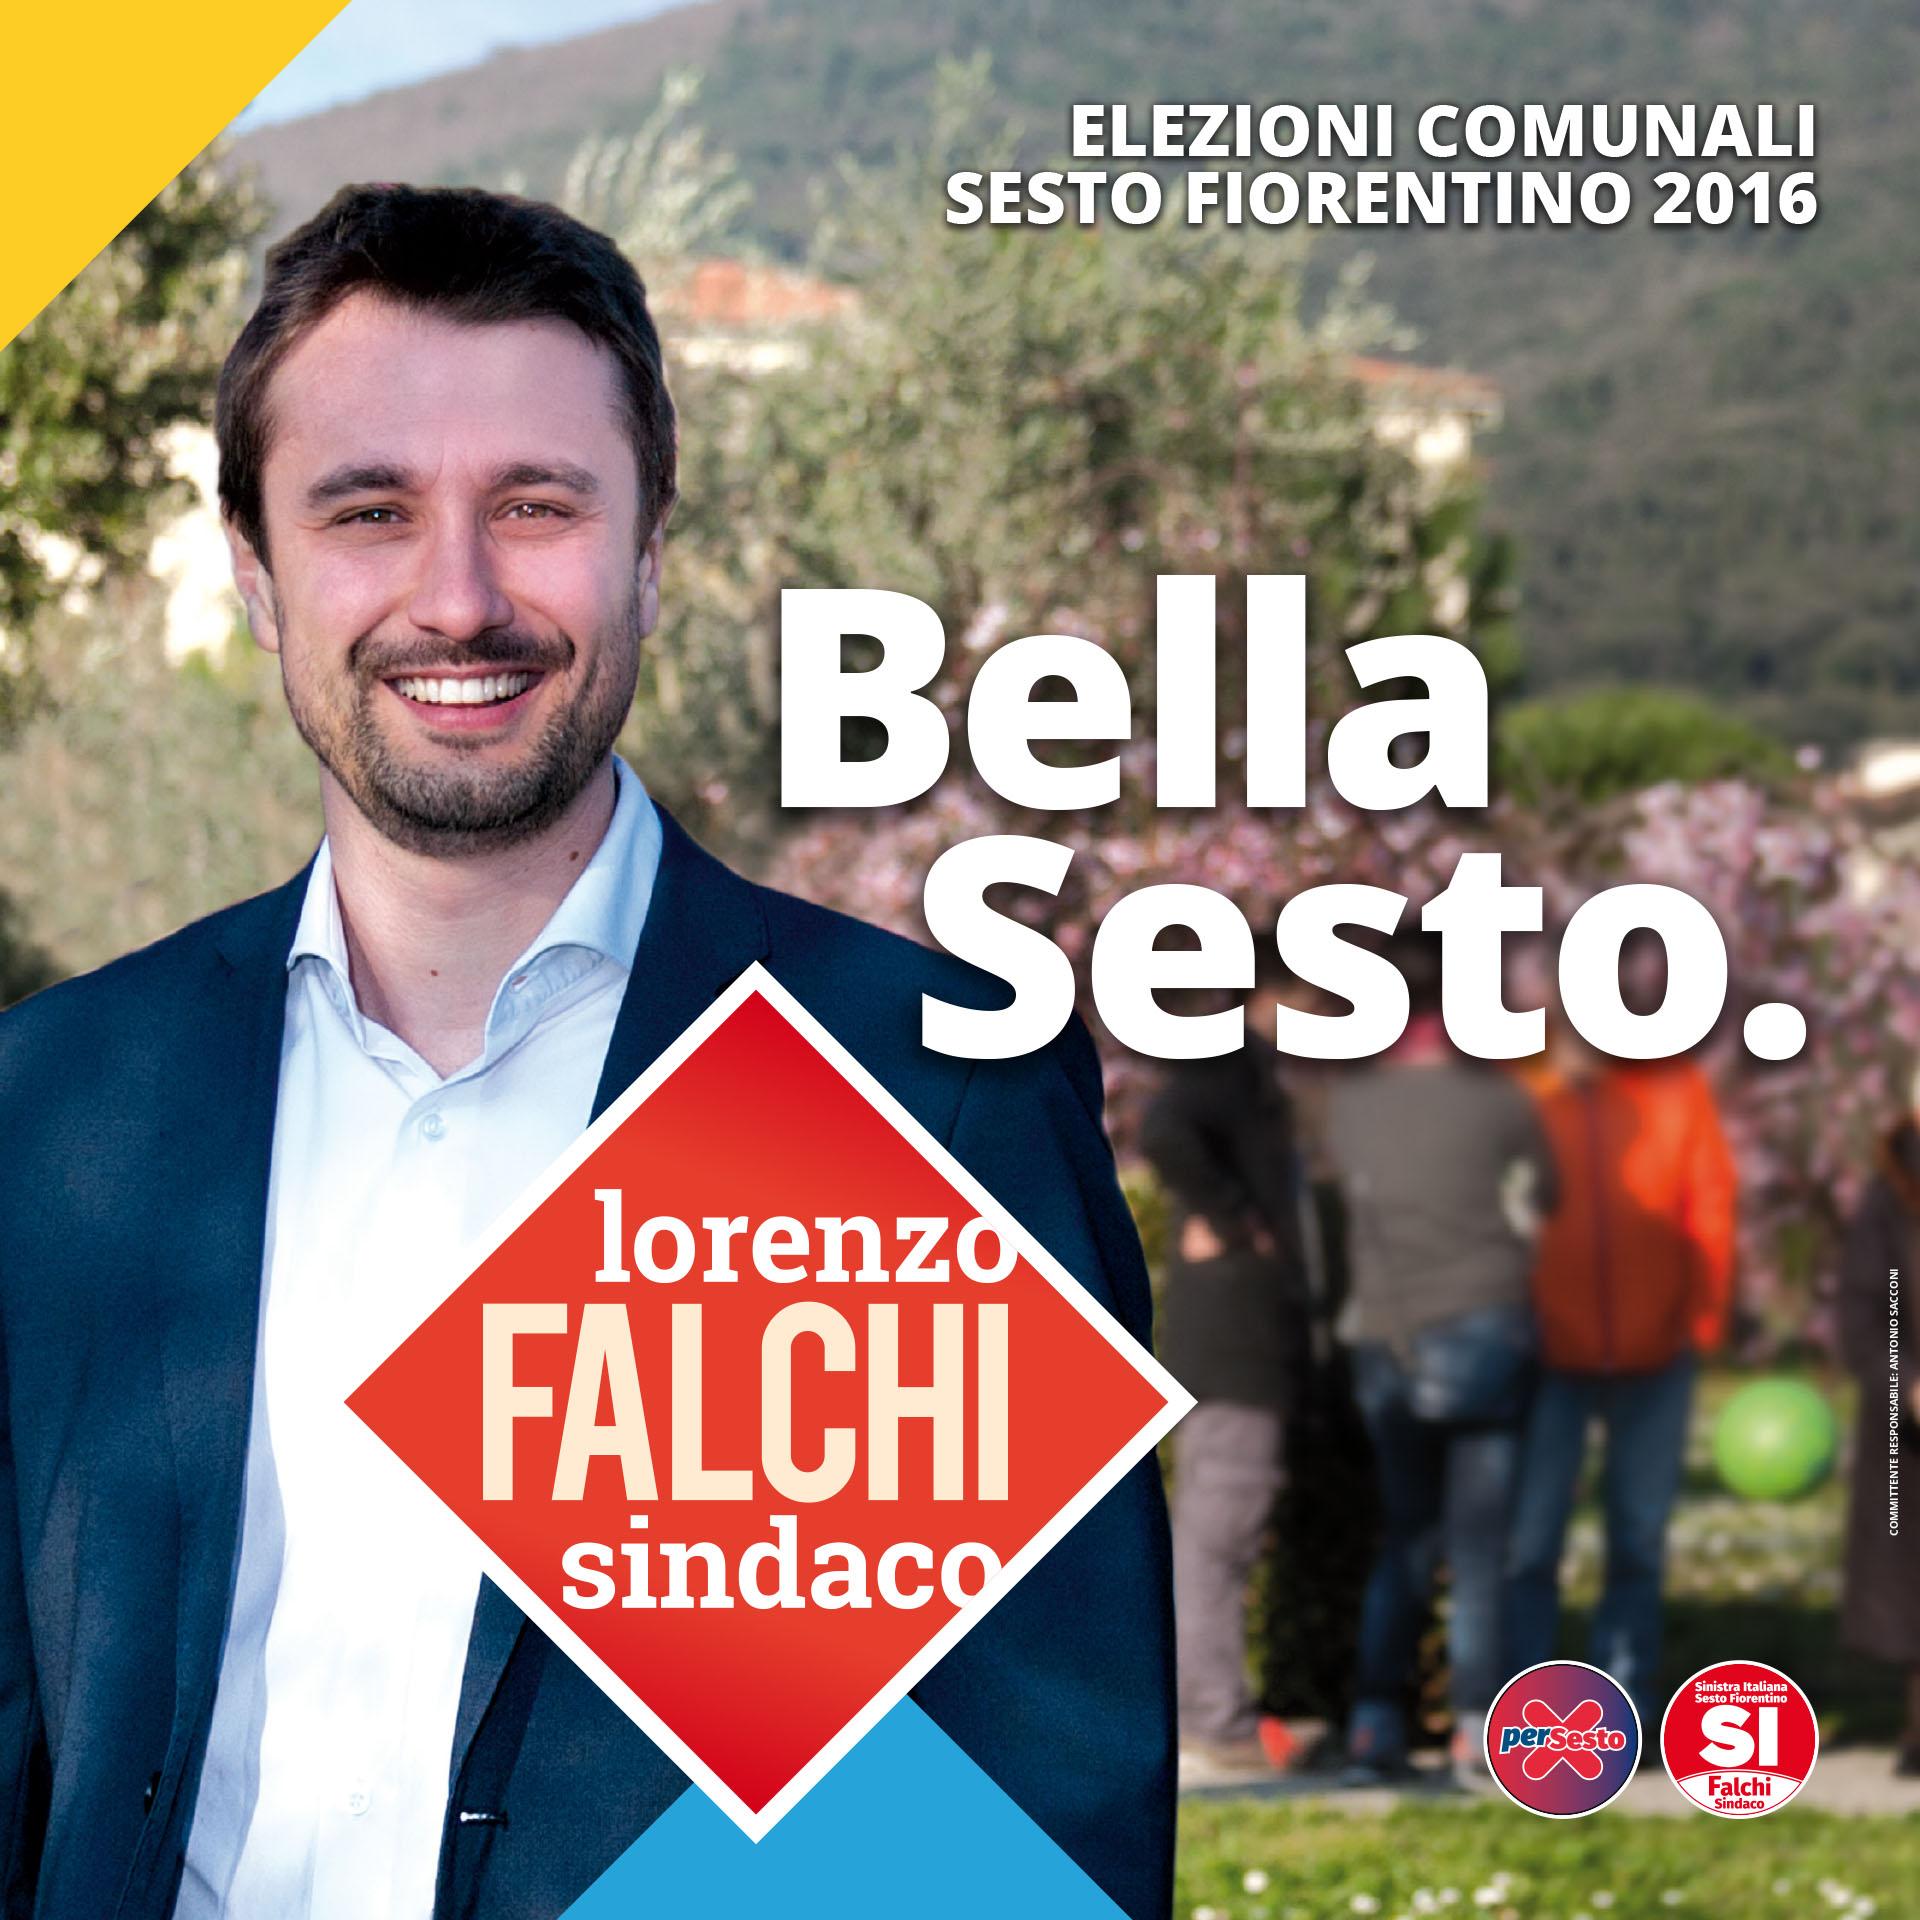 Lorenzo Falchi | Pieghevole